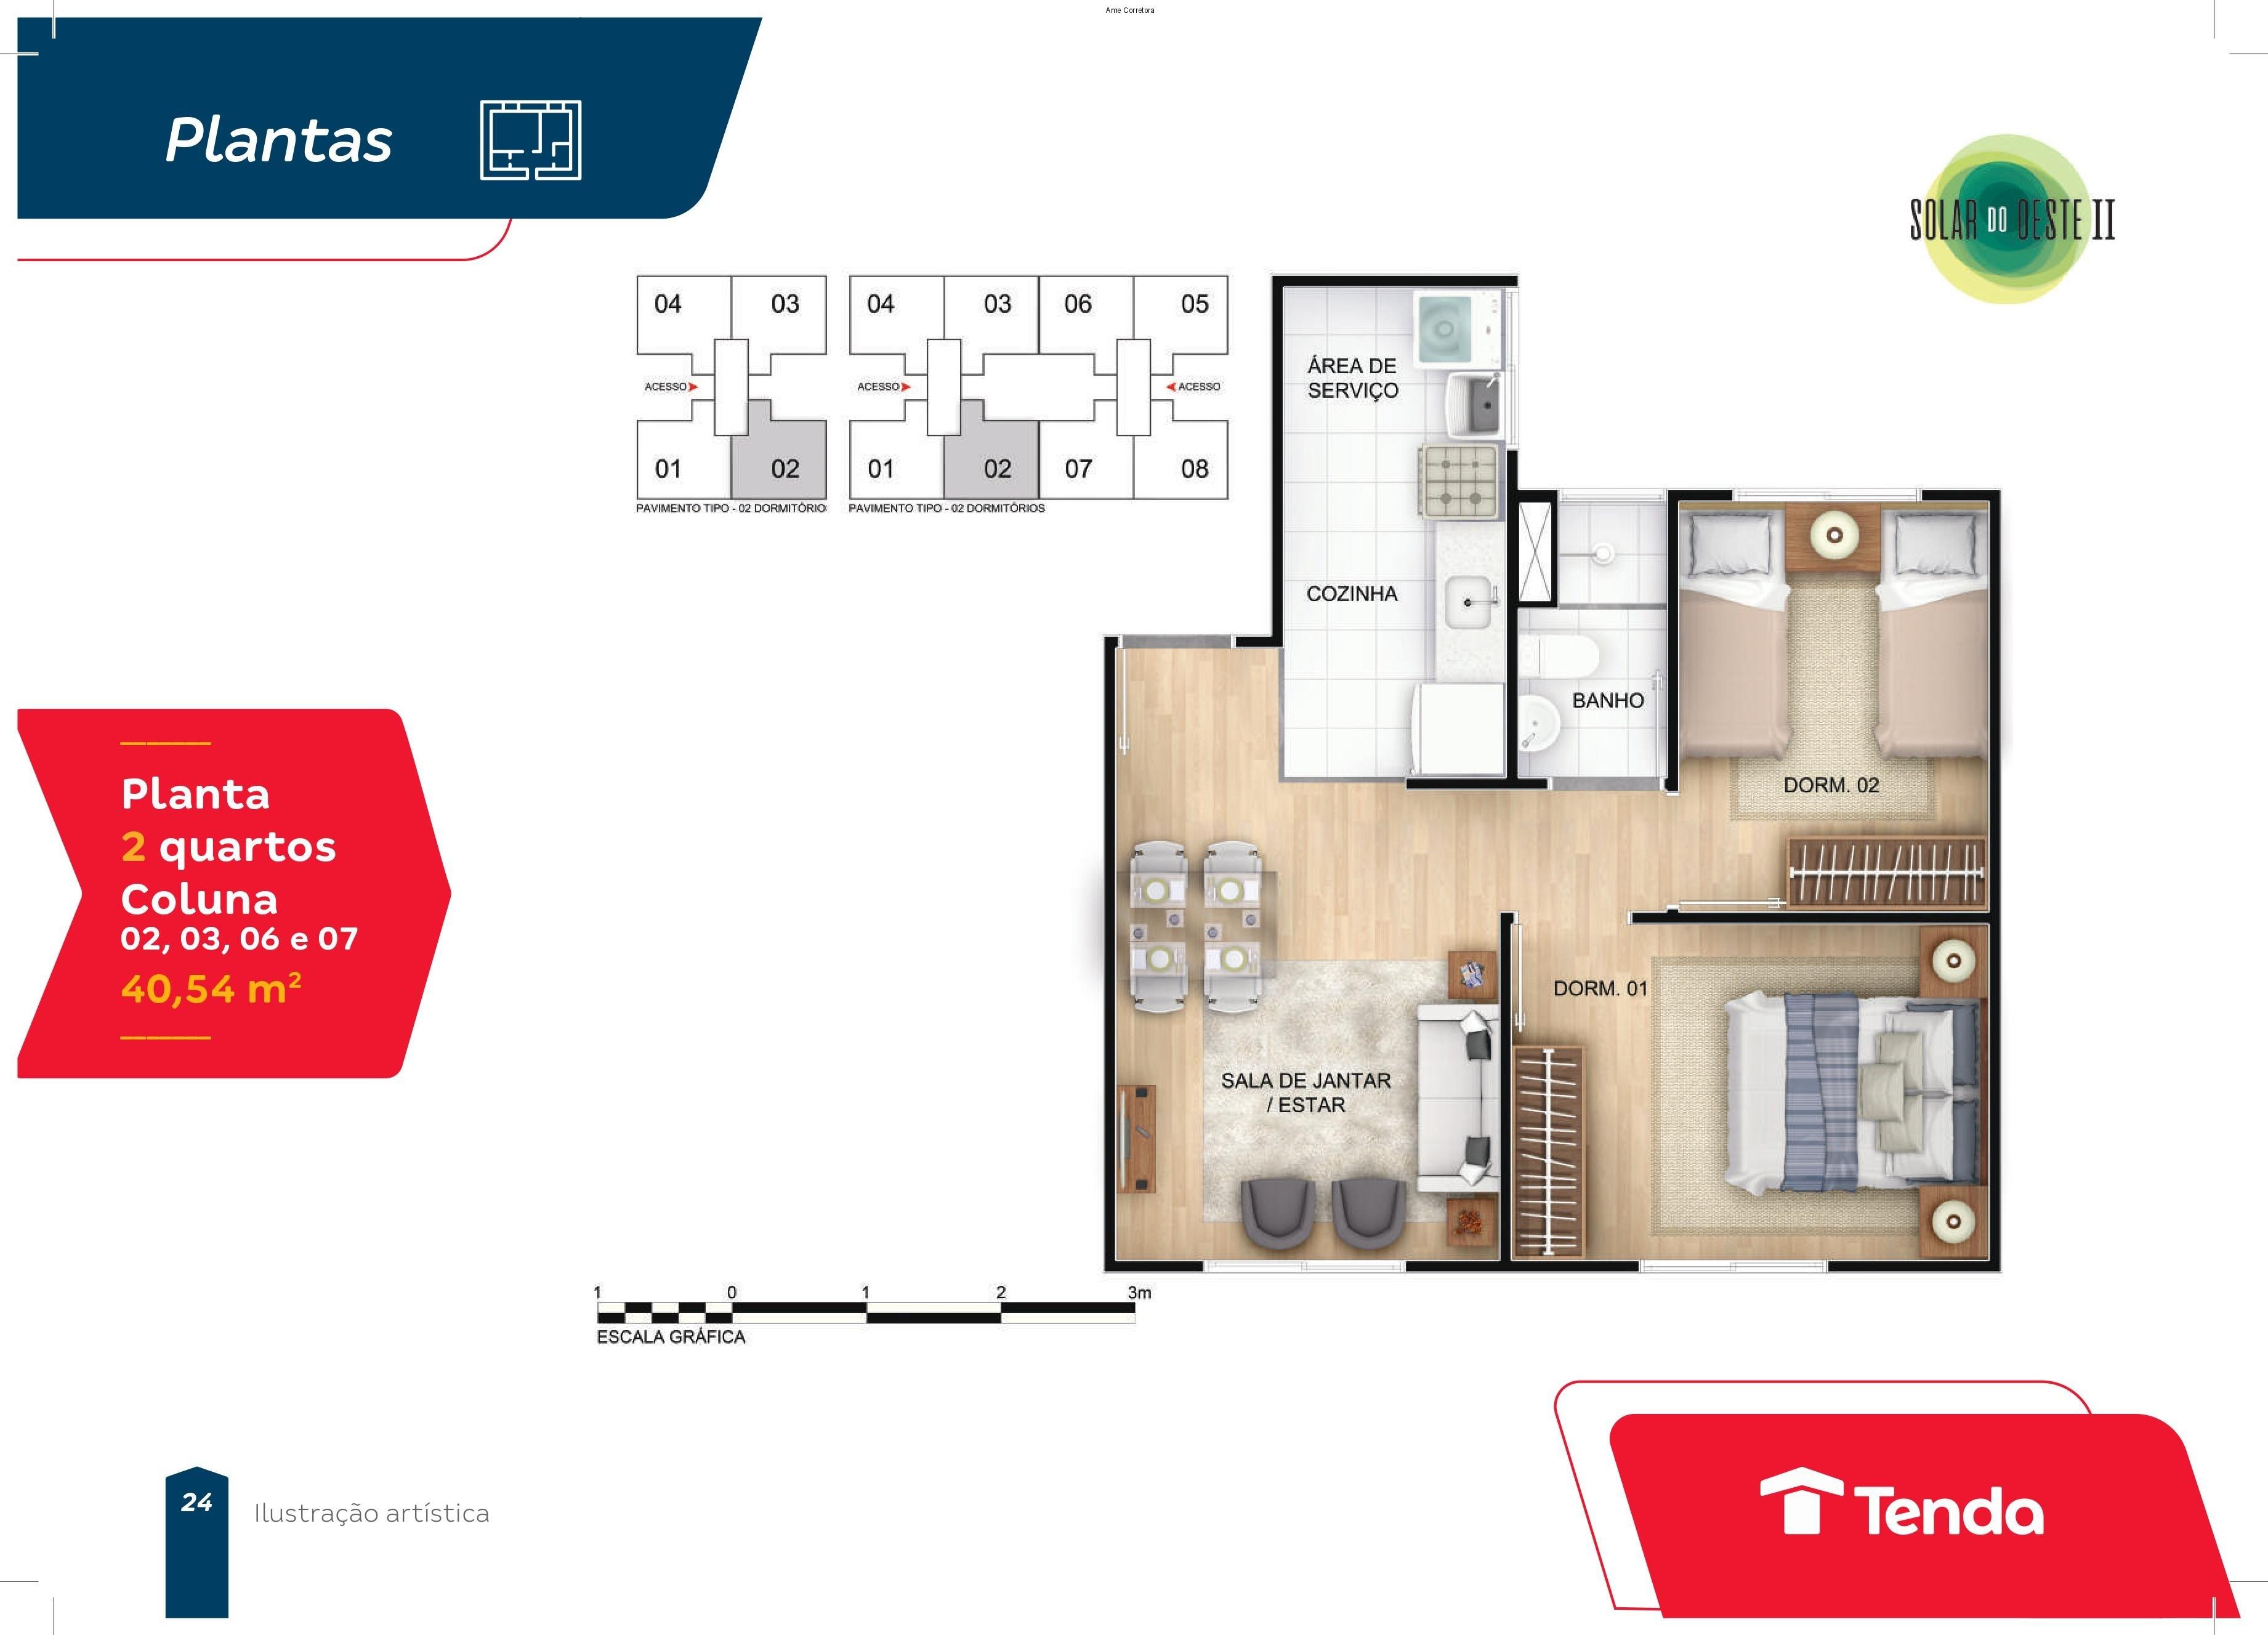 FOTO 11 - Apartamento 2 quartos à venda Rio de Janeiro,RJ - R$ 144.000 - AP00409 - 12